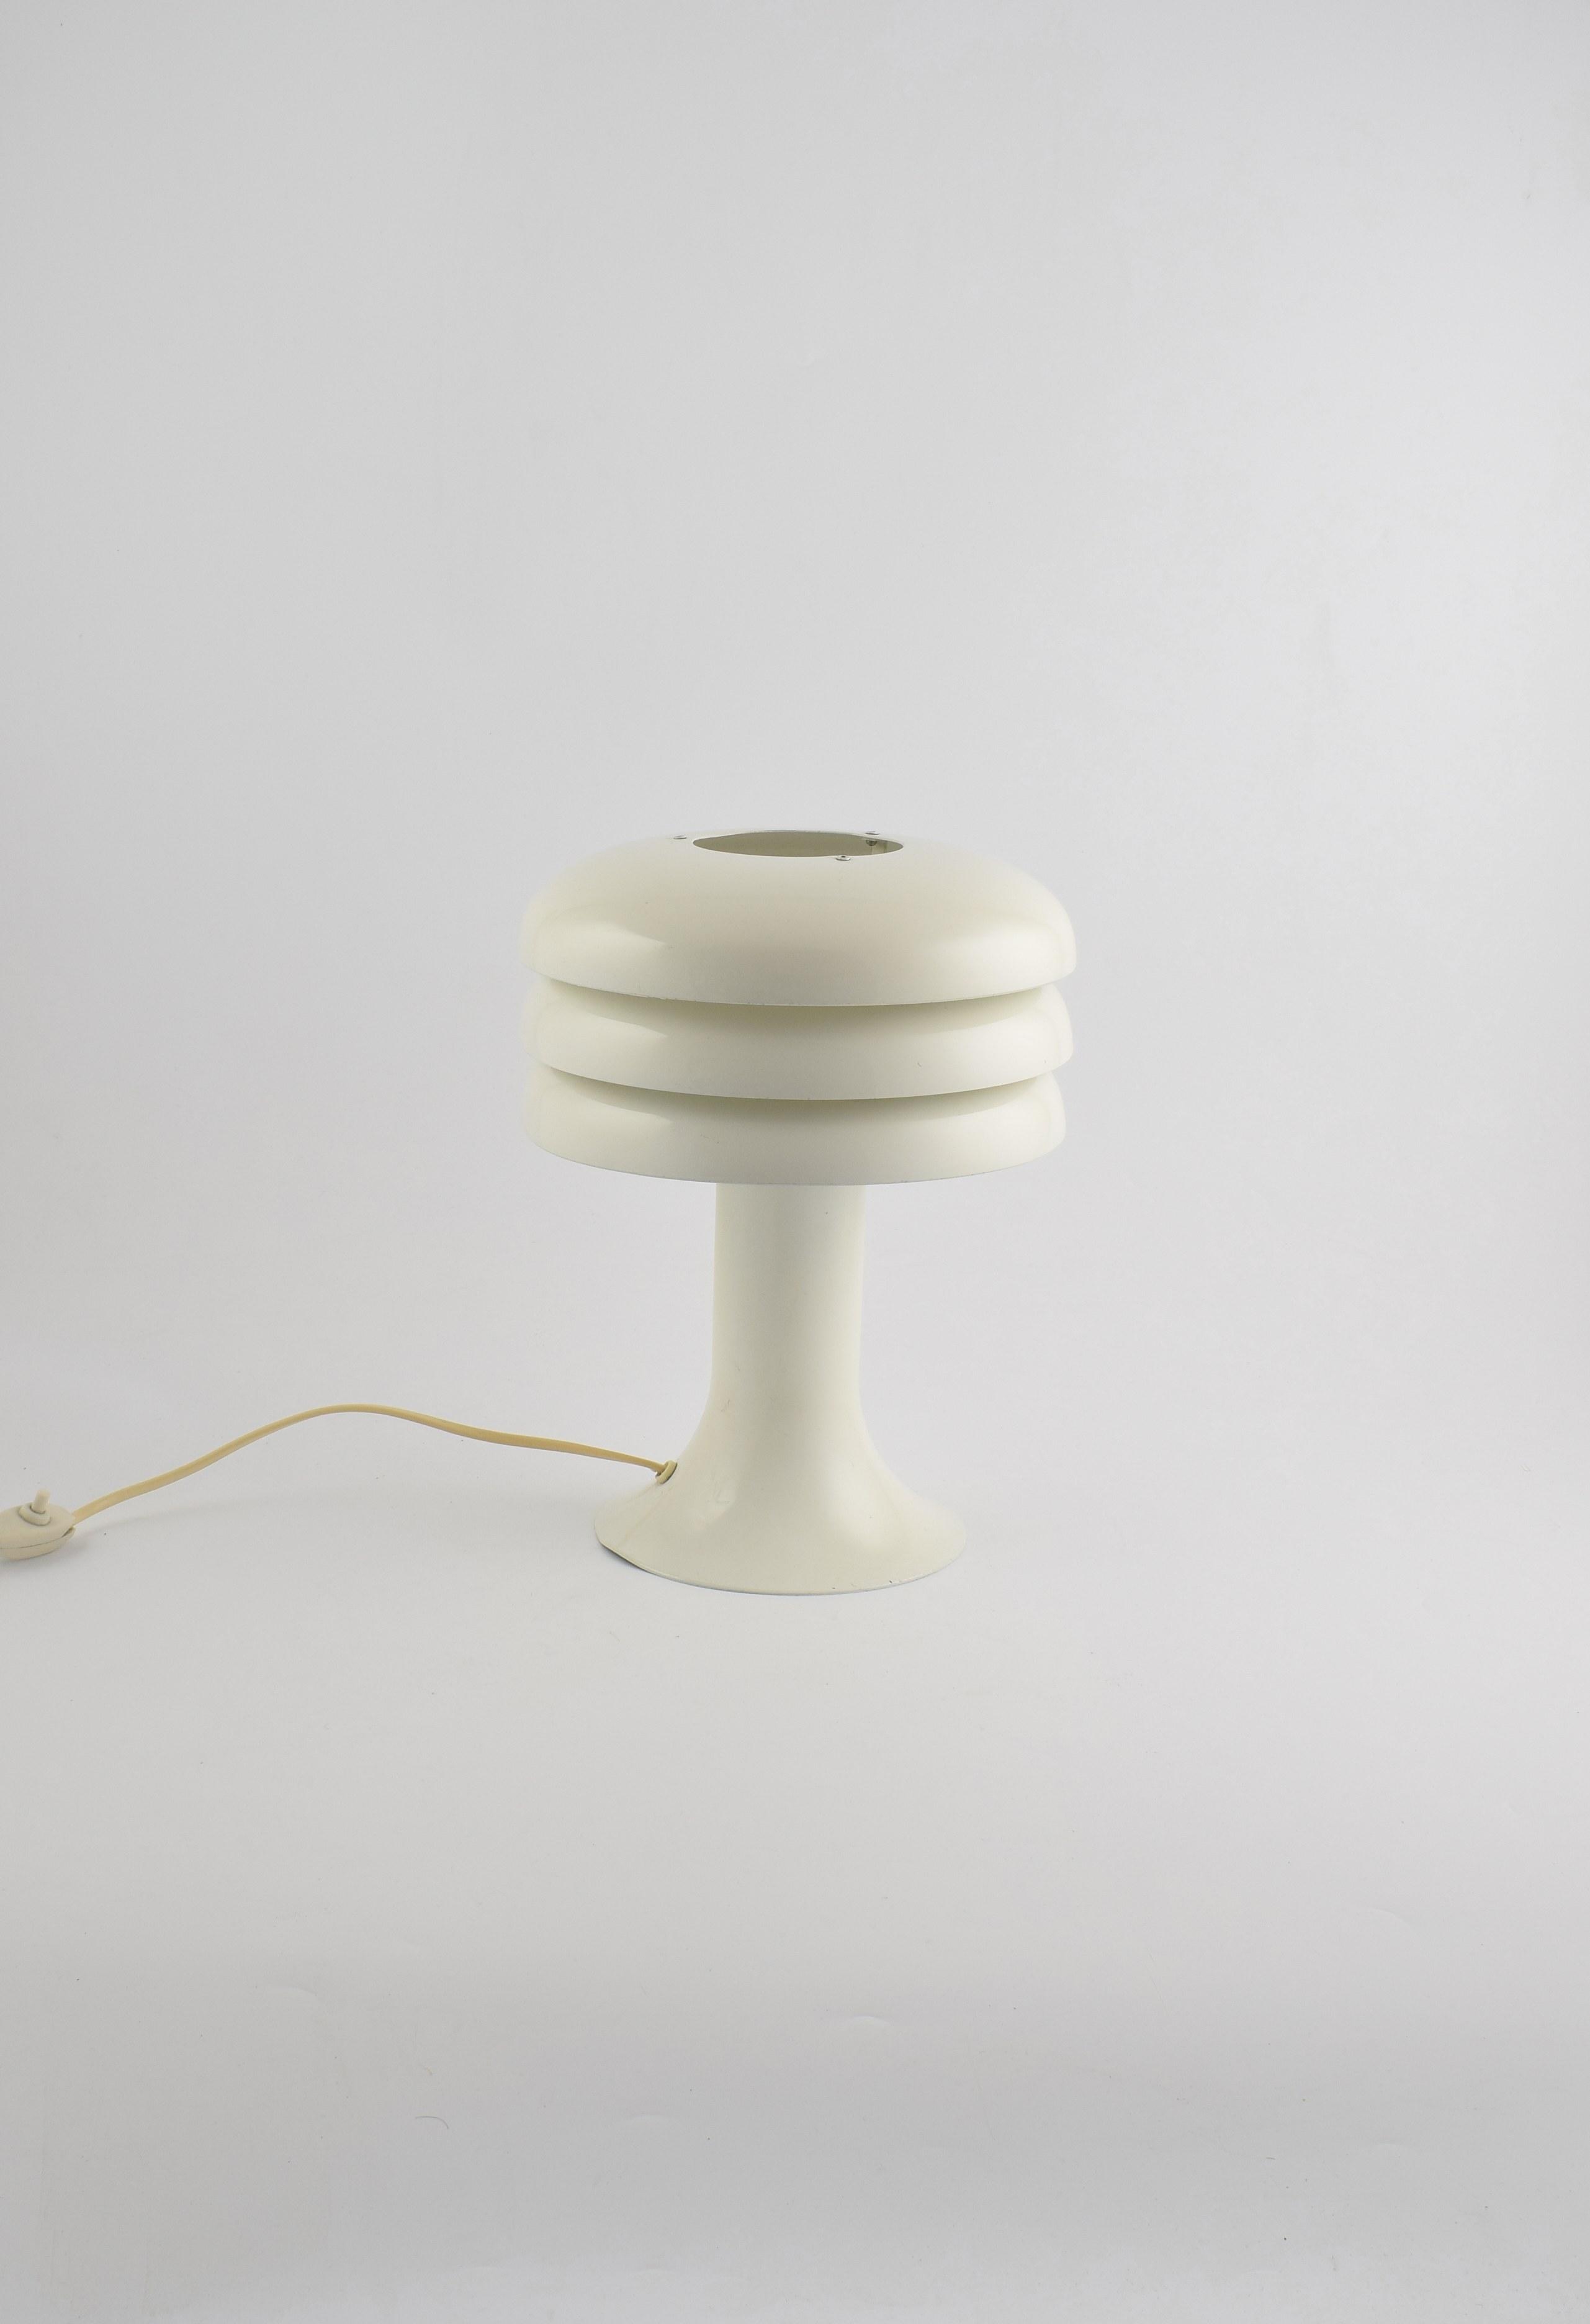 Hans Agne Jakobsson Svera White Table Light